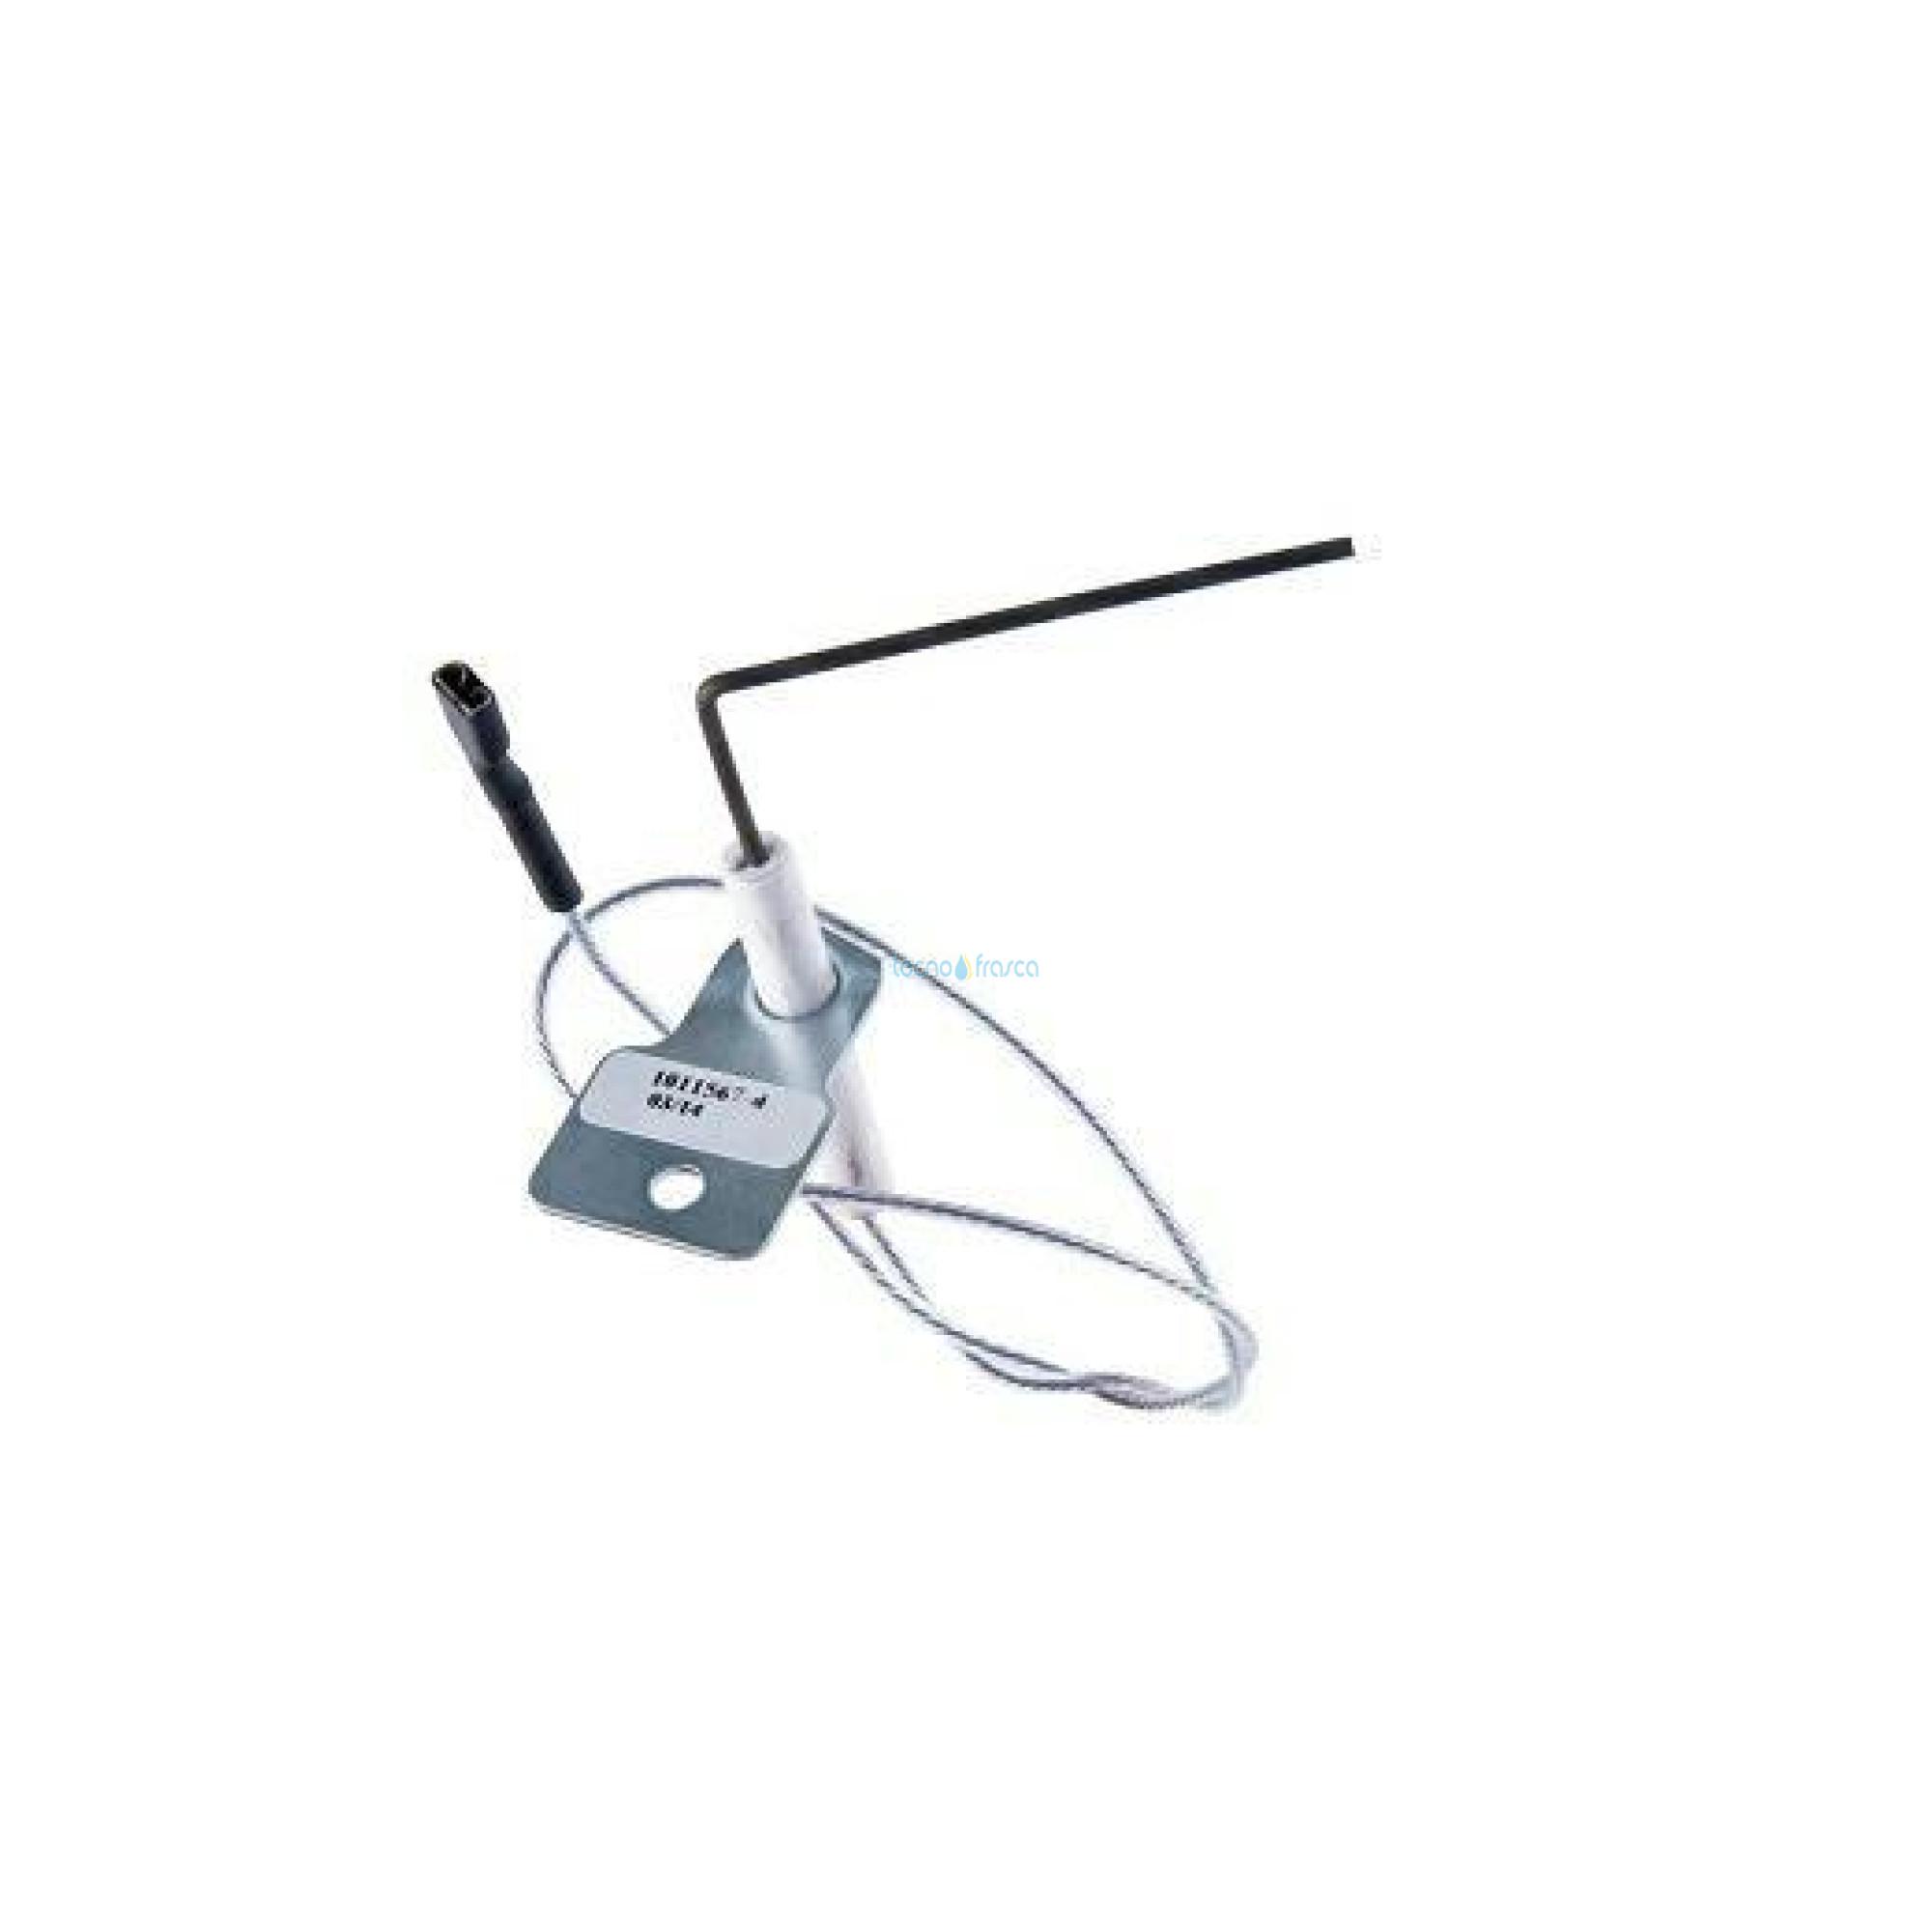 Chaffoteaux elettrodo di ionizzazione 61011567